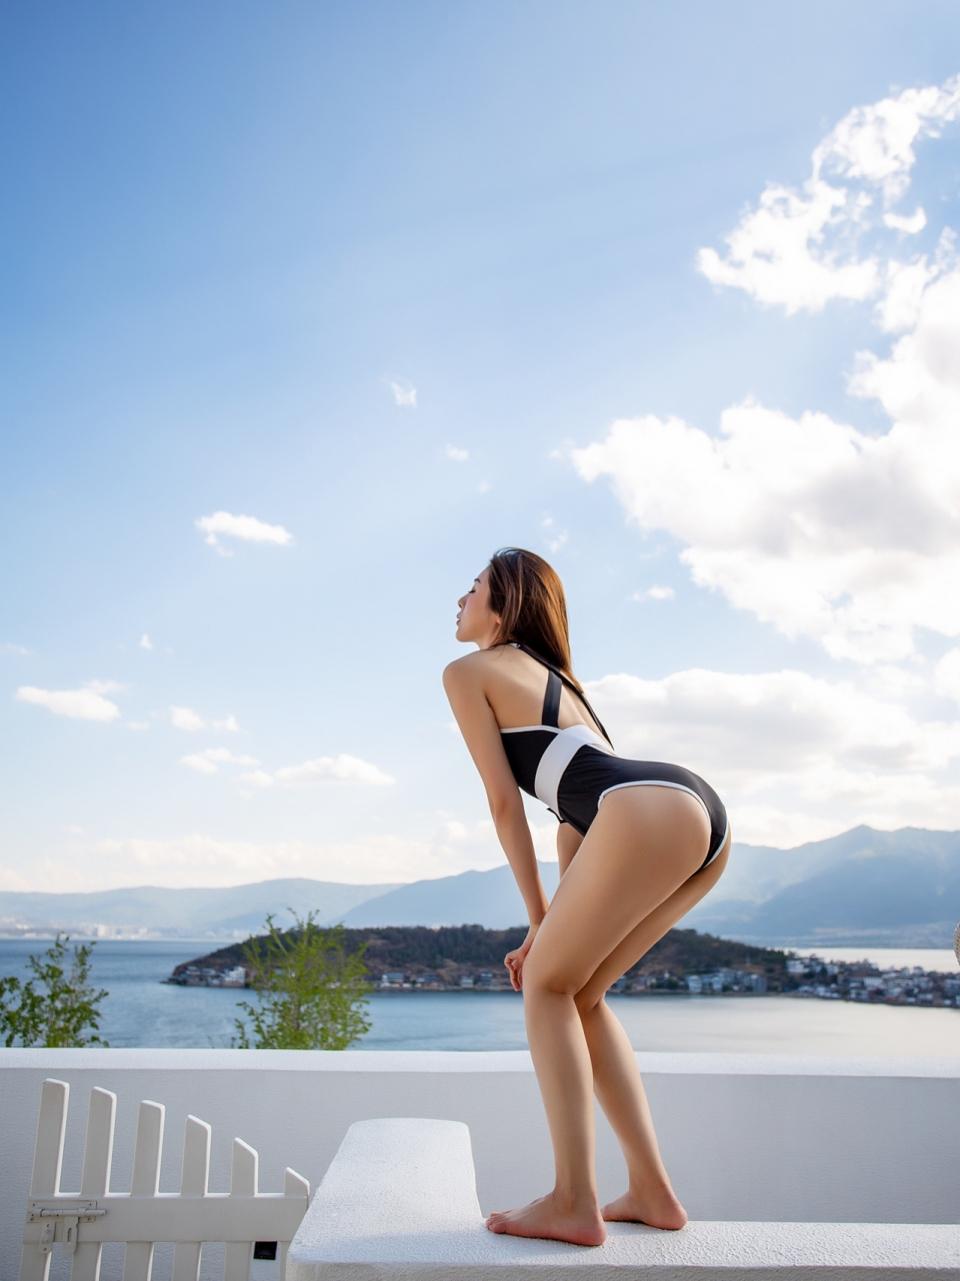 性感美女泳装长腿诱惑写真